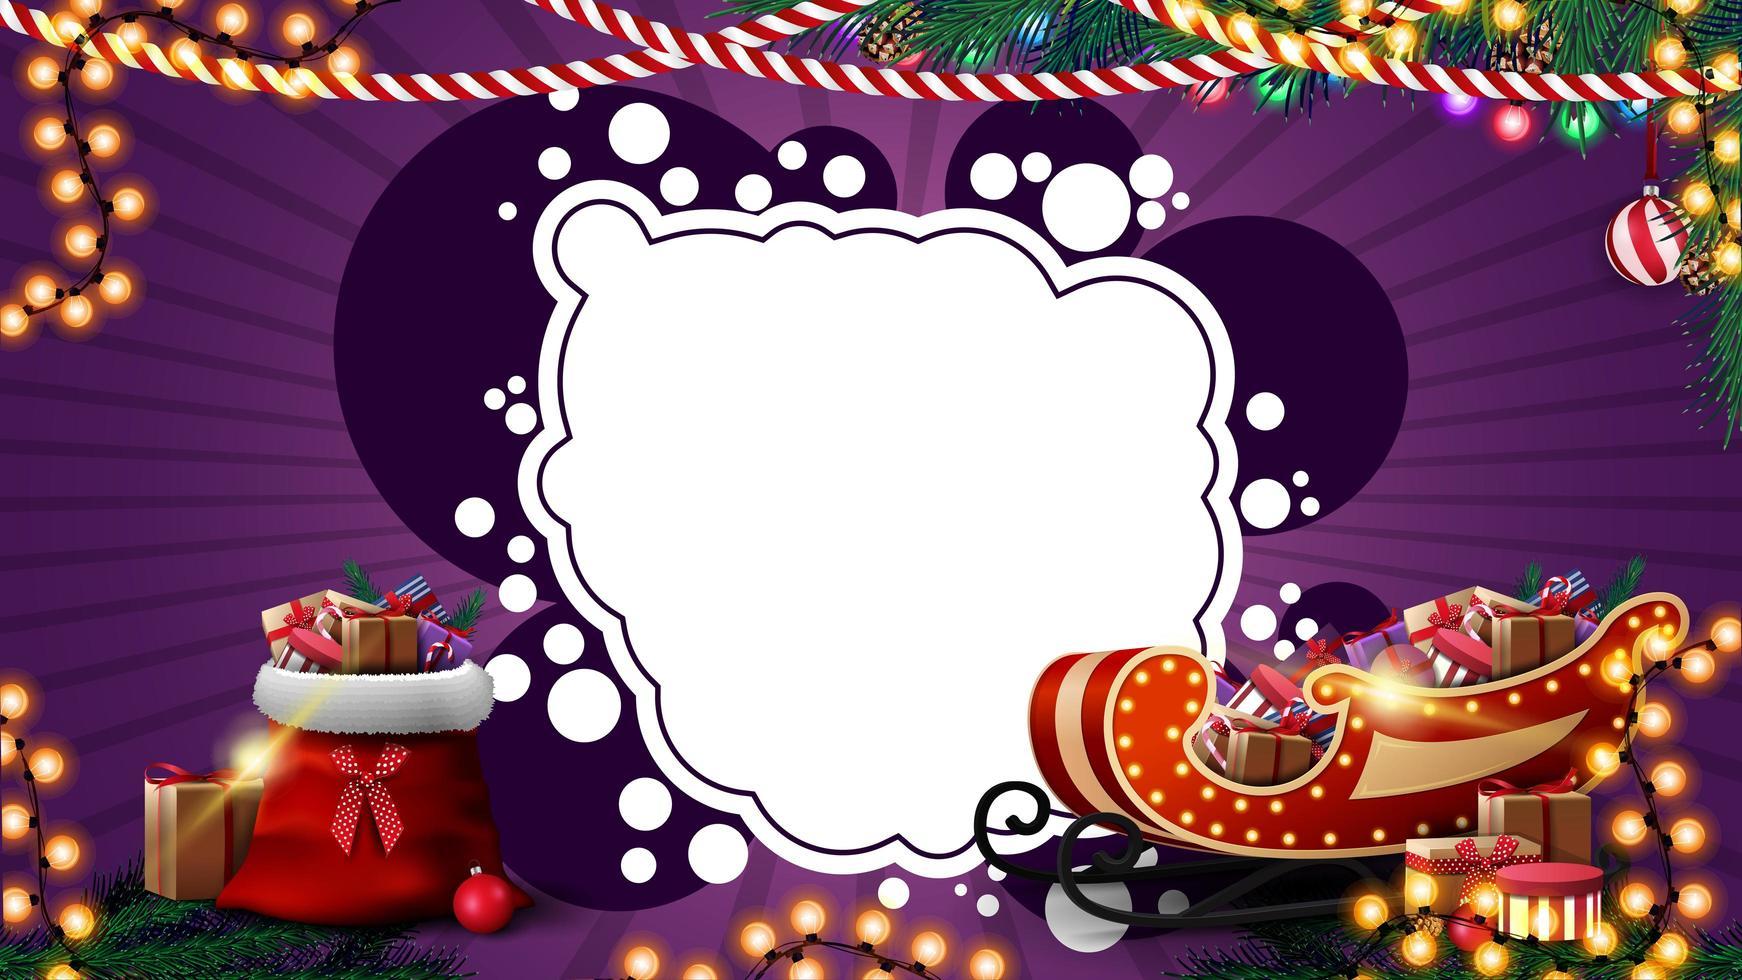 modèle de Noël violet pour carte postale ou remise avec des guirlandes, nuage abstrait blanc pour votre texte, sac de père Noël et traîneau de père Noël avec des cadeaux vecteur